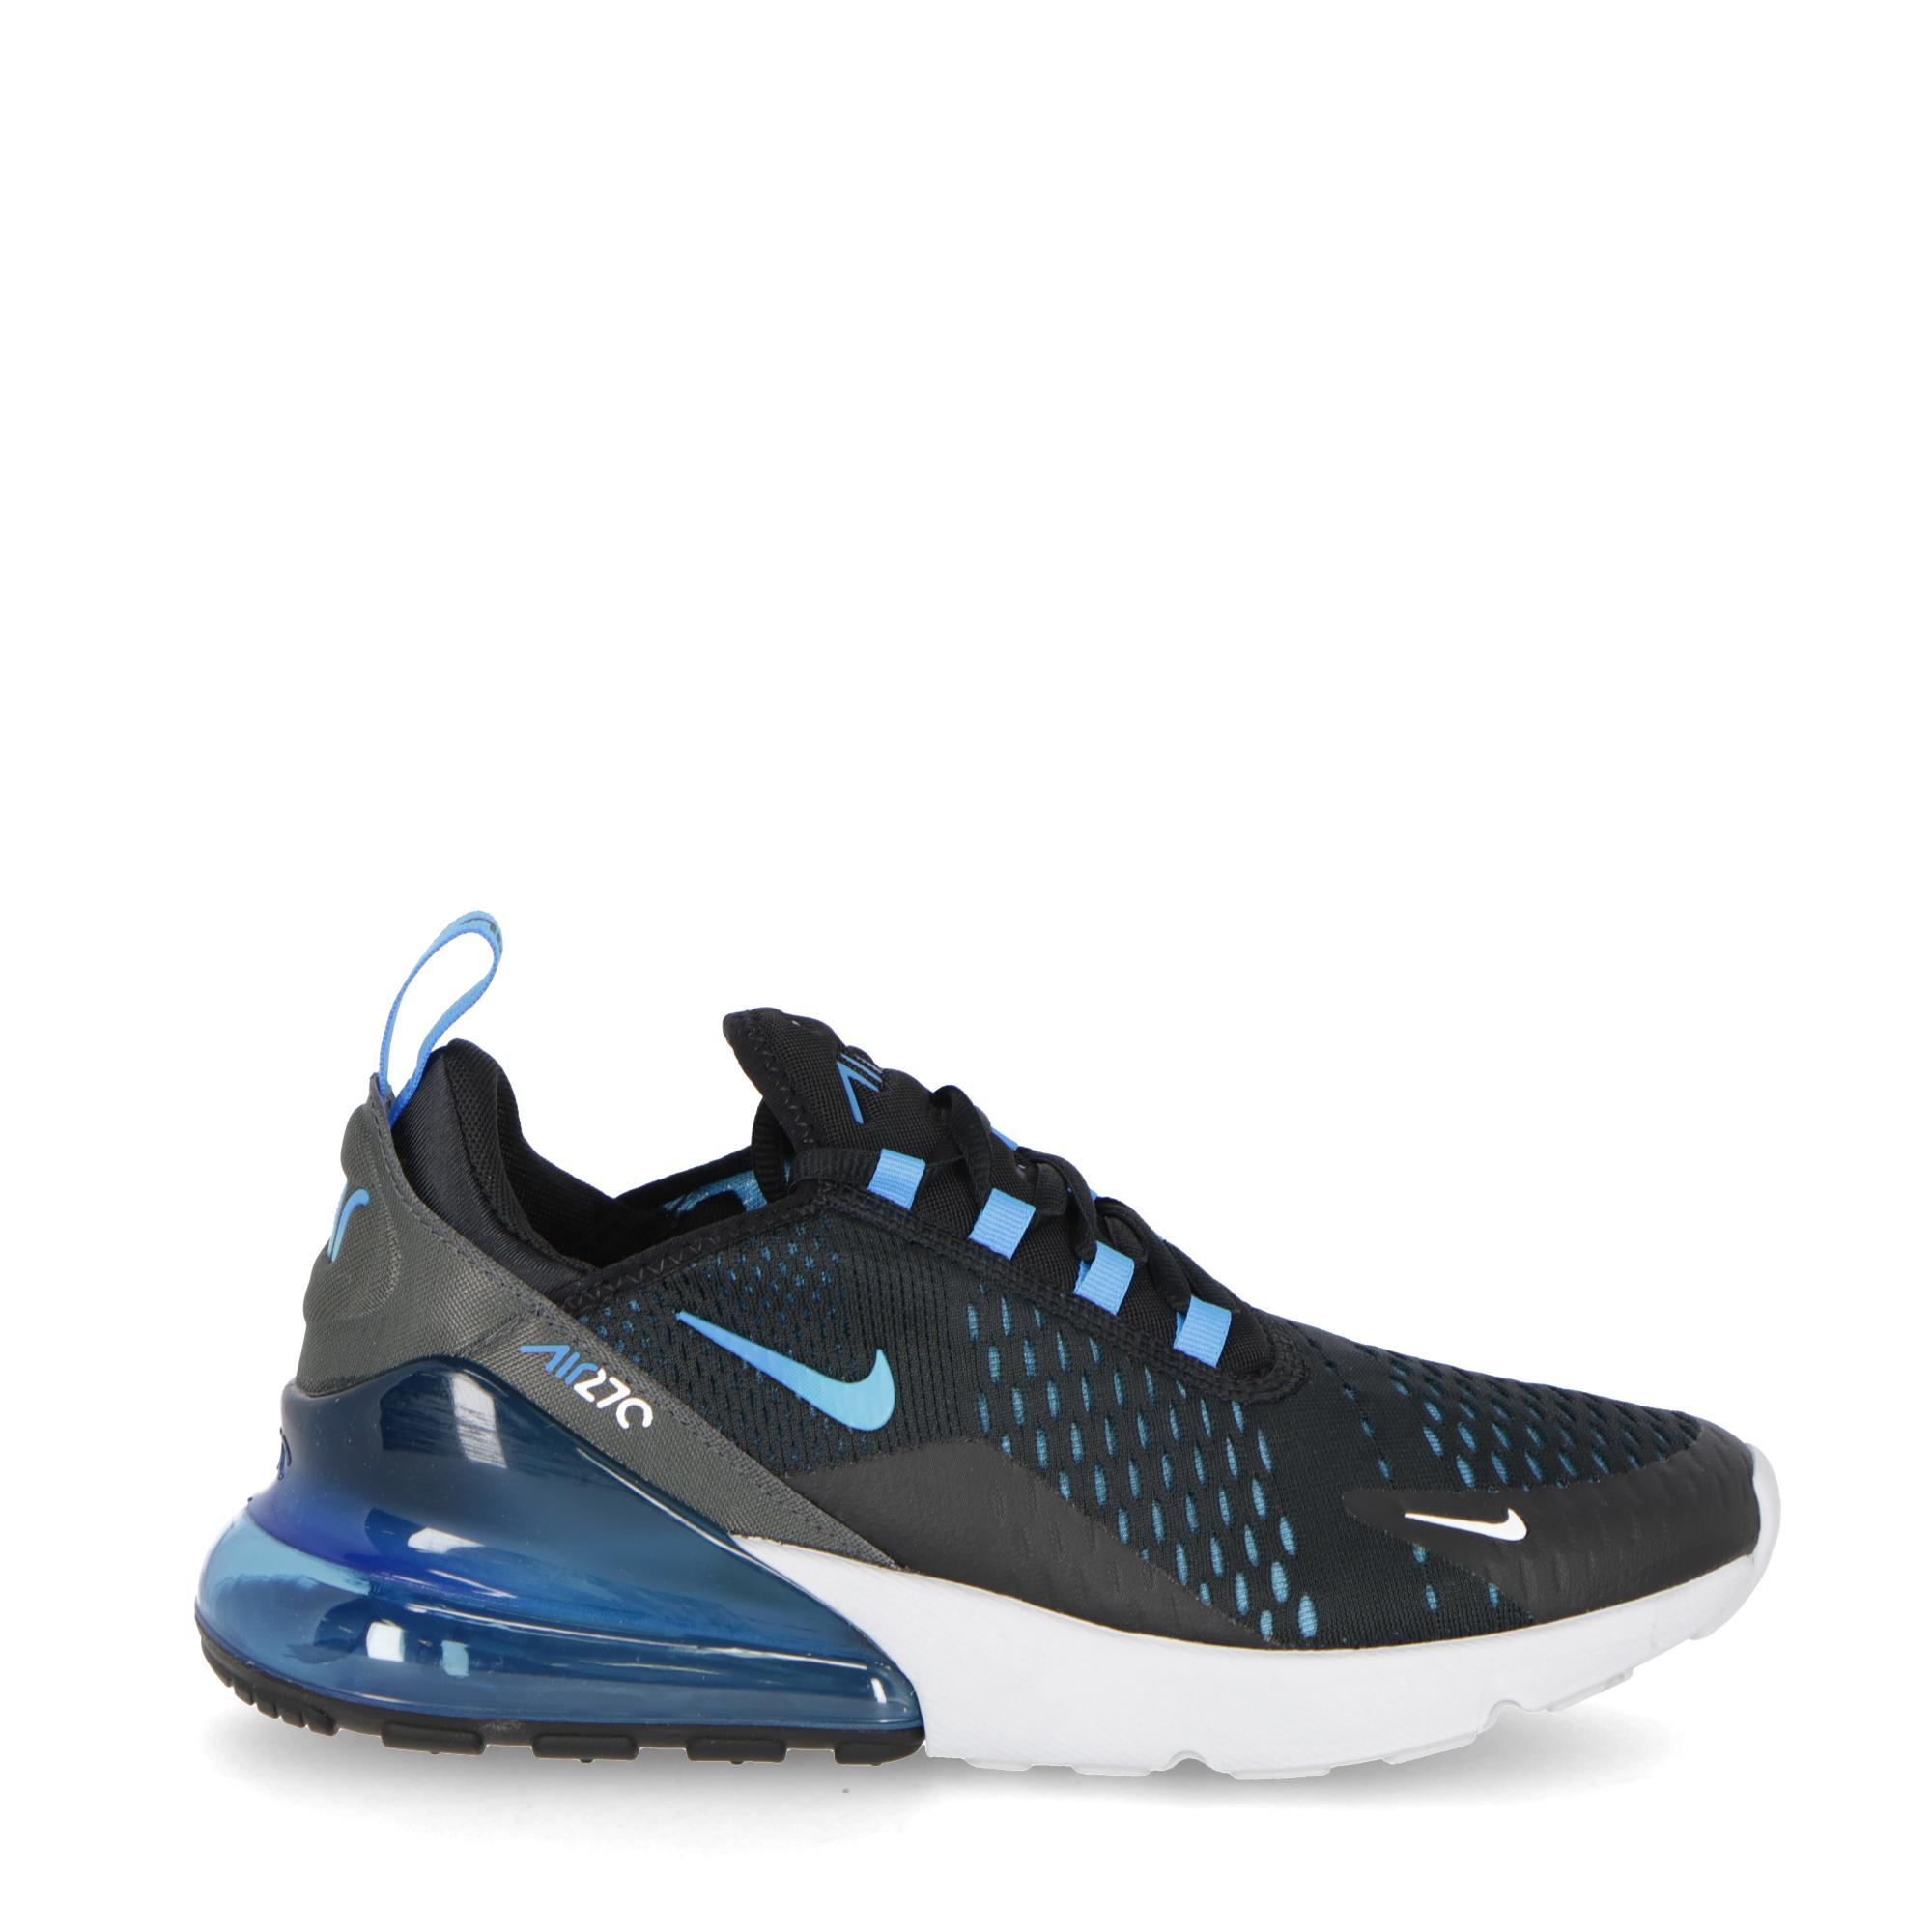 783773feb Nike Air Max 270 Black Black Blue | Treesse